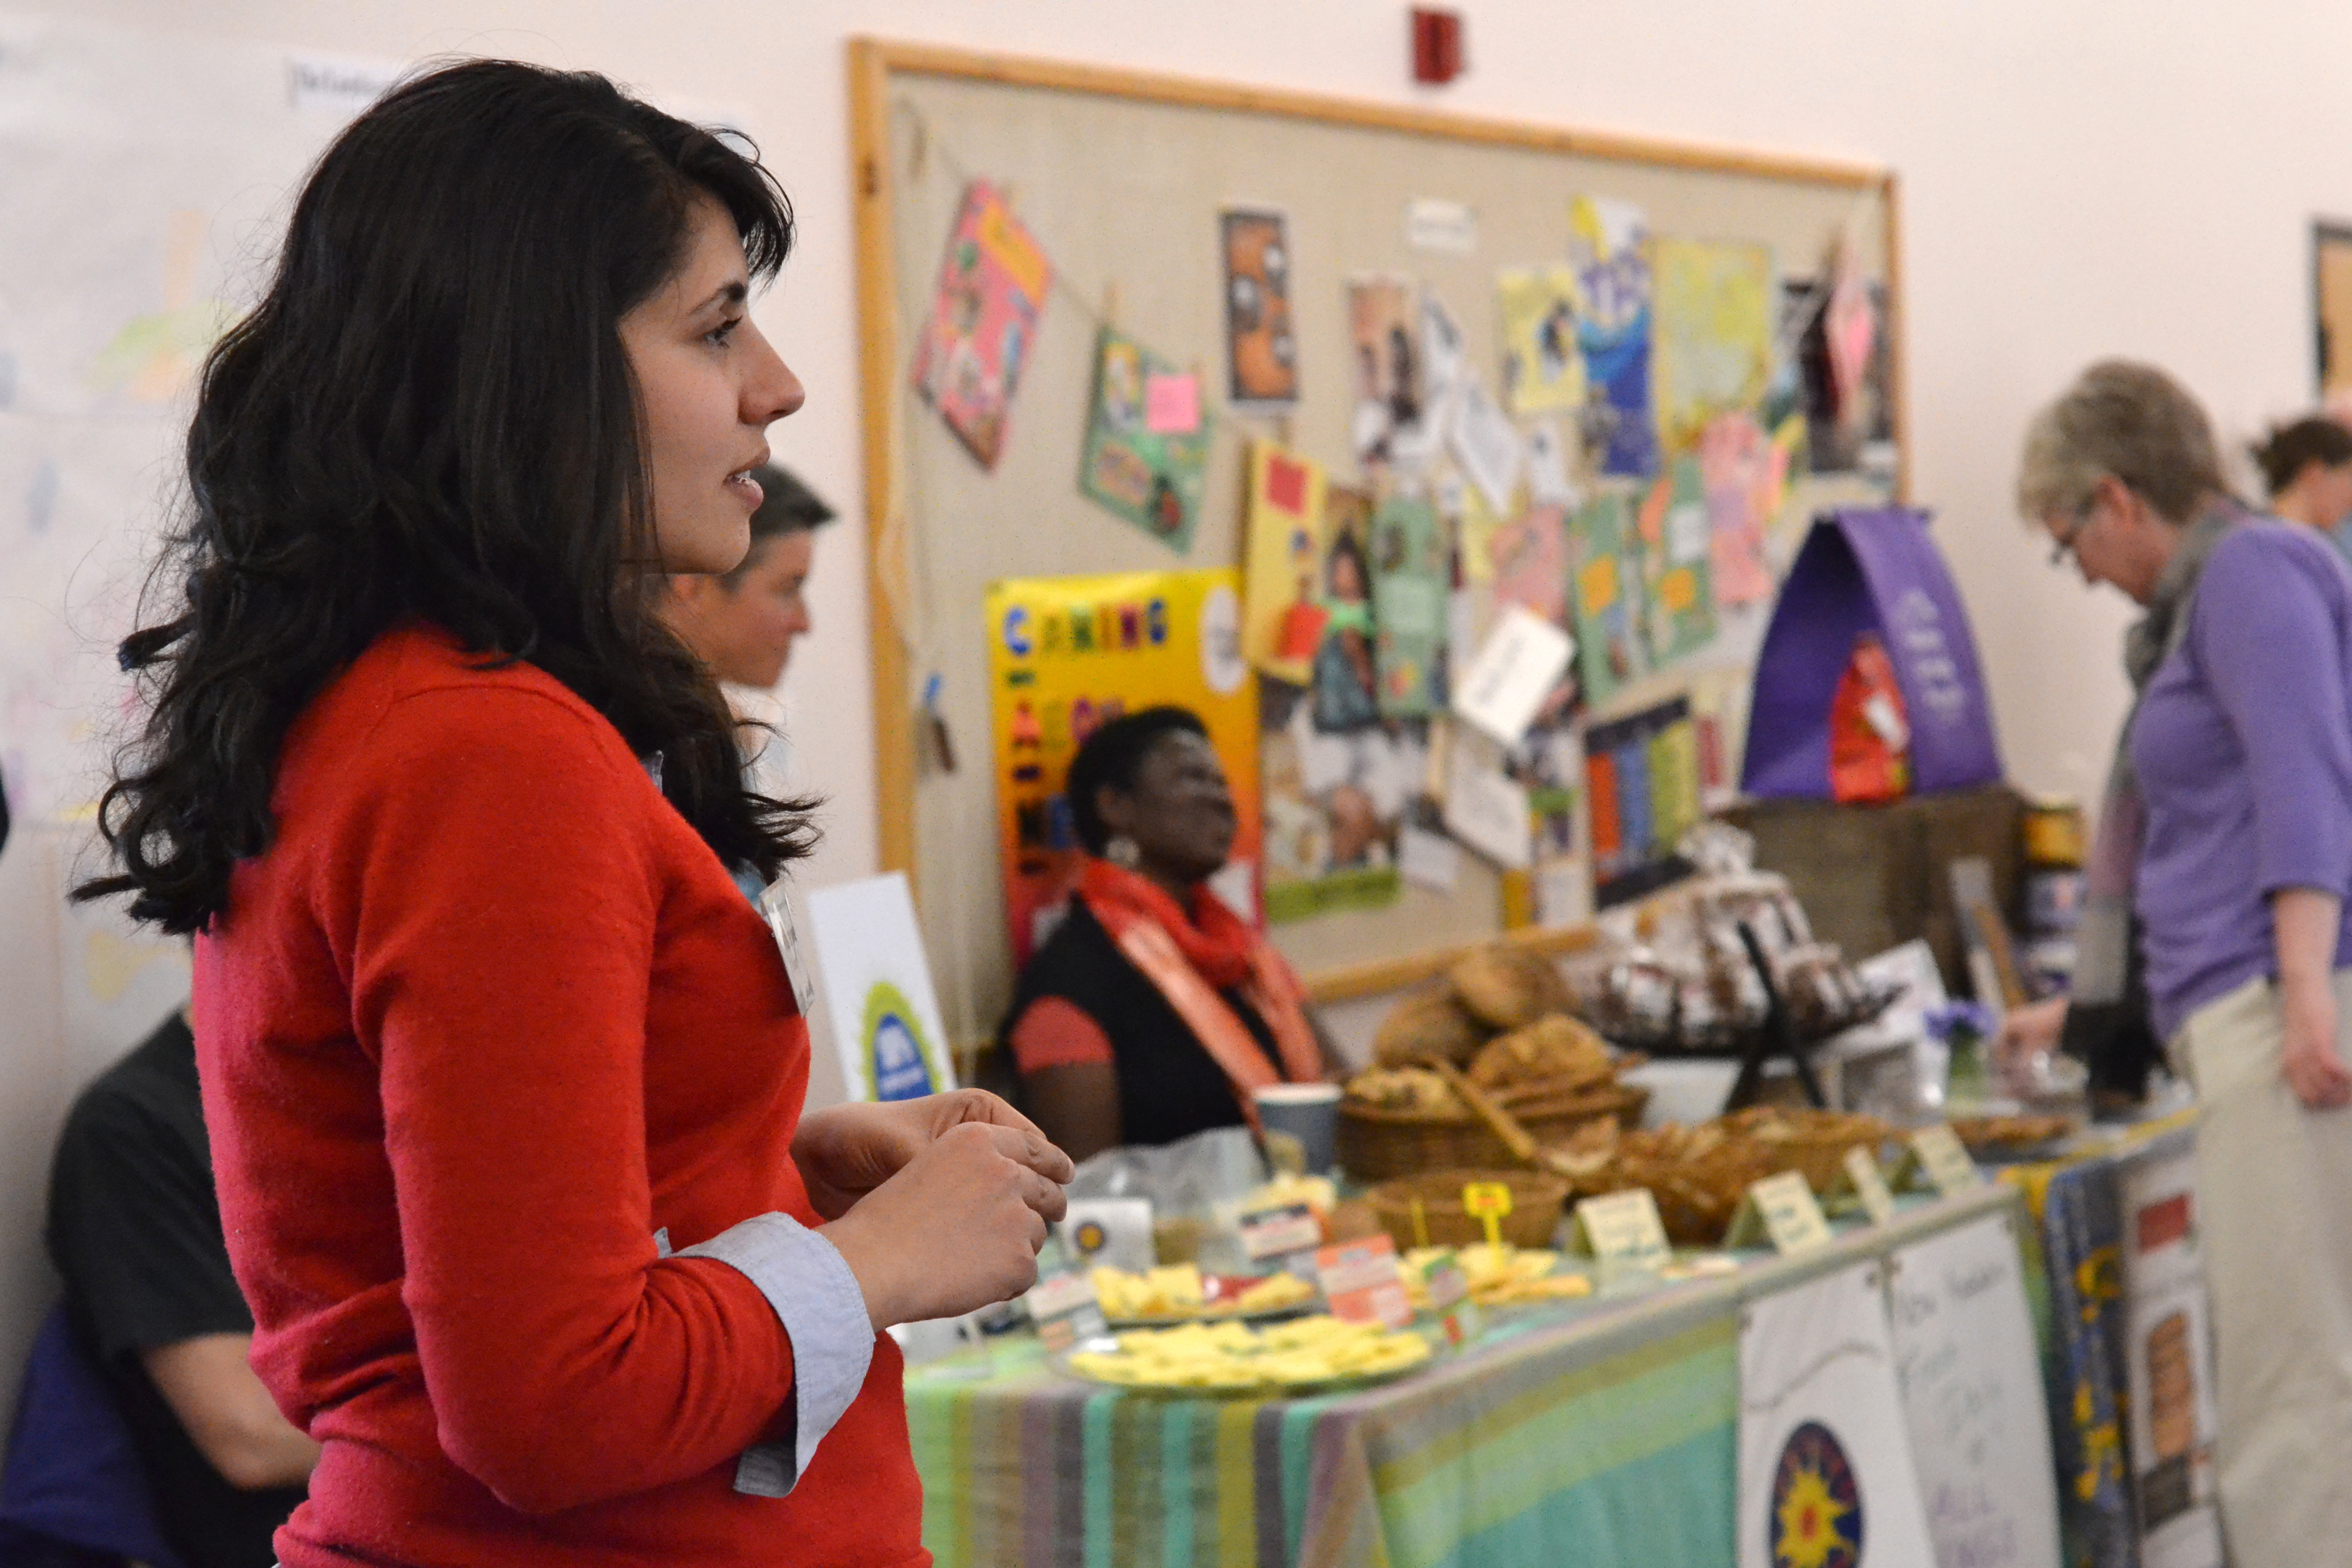 Katherine Bhaduri looks on. [photo credit: Rebekah Hanlon]